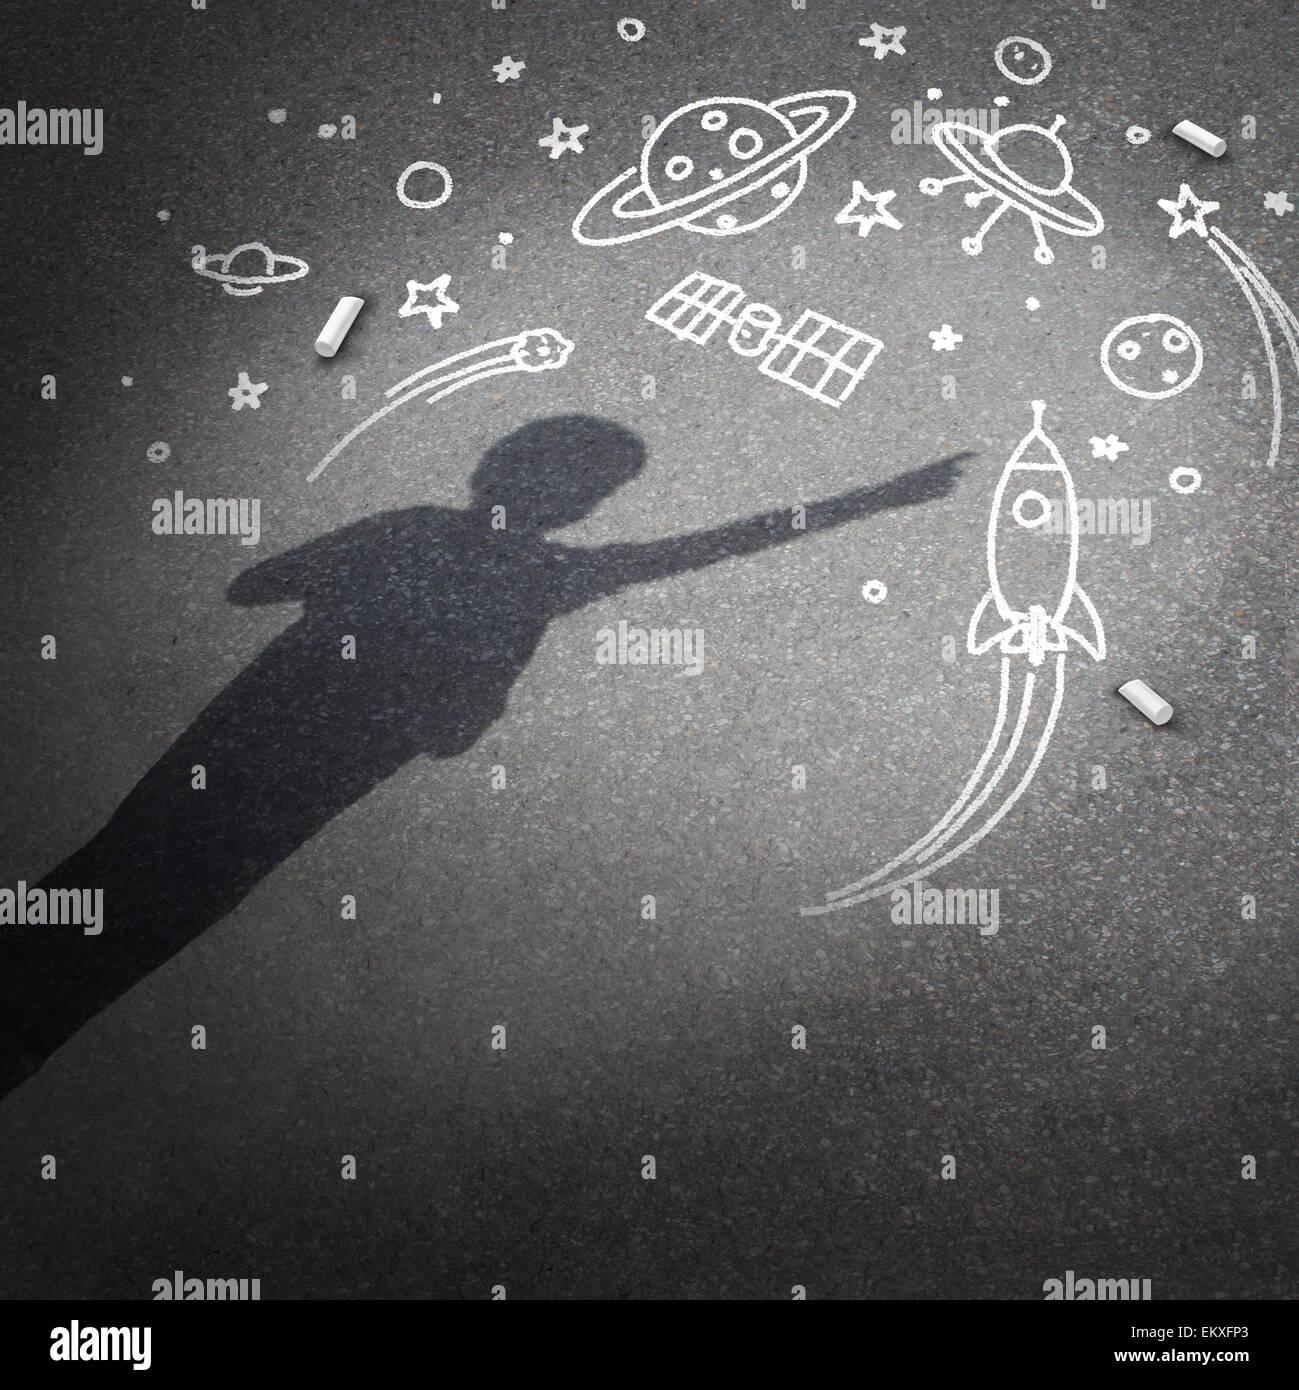 Espacio Infantil sueño como un concepto imaginación infantil con un elenco sombra de un niño sueña Imagen De Stock